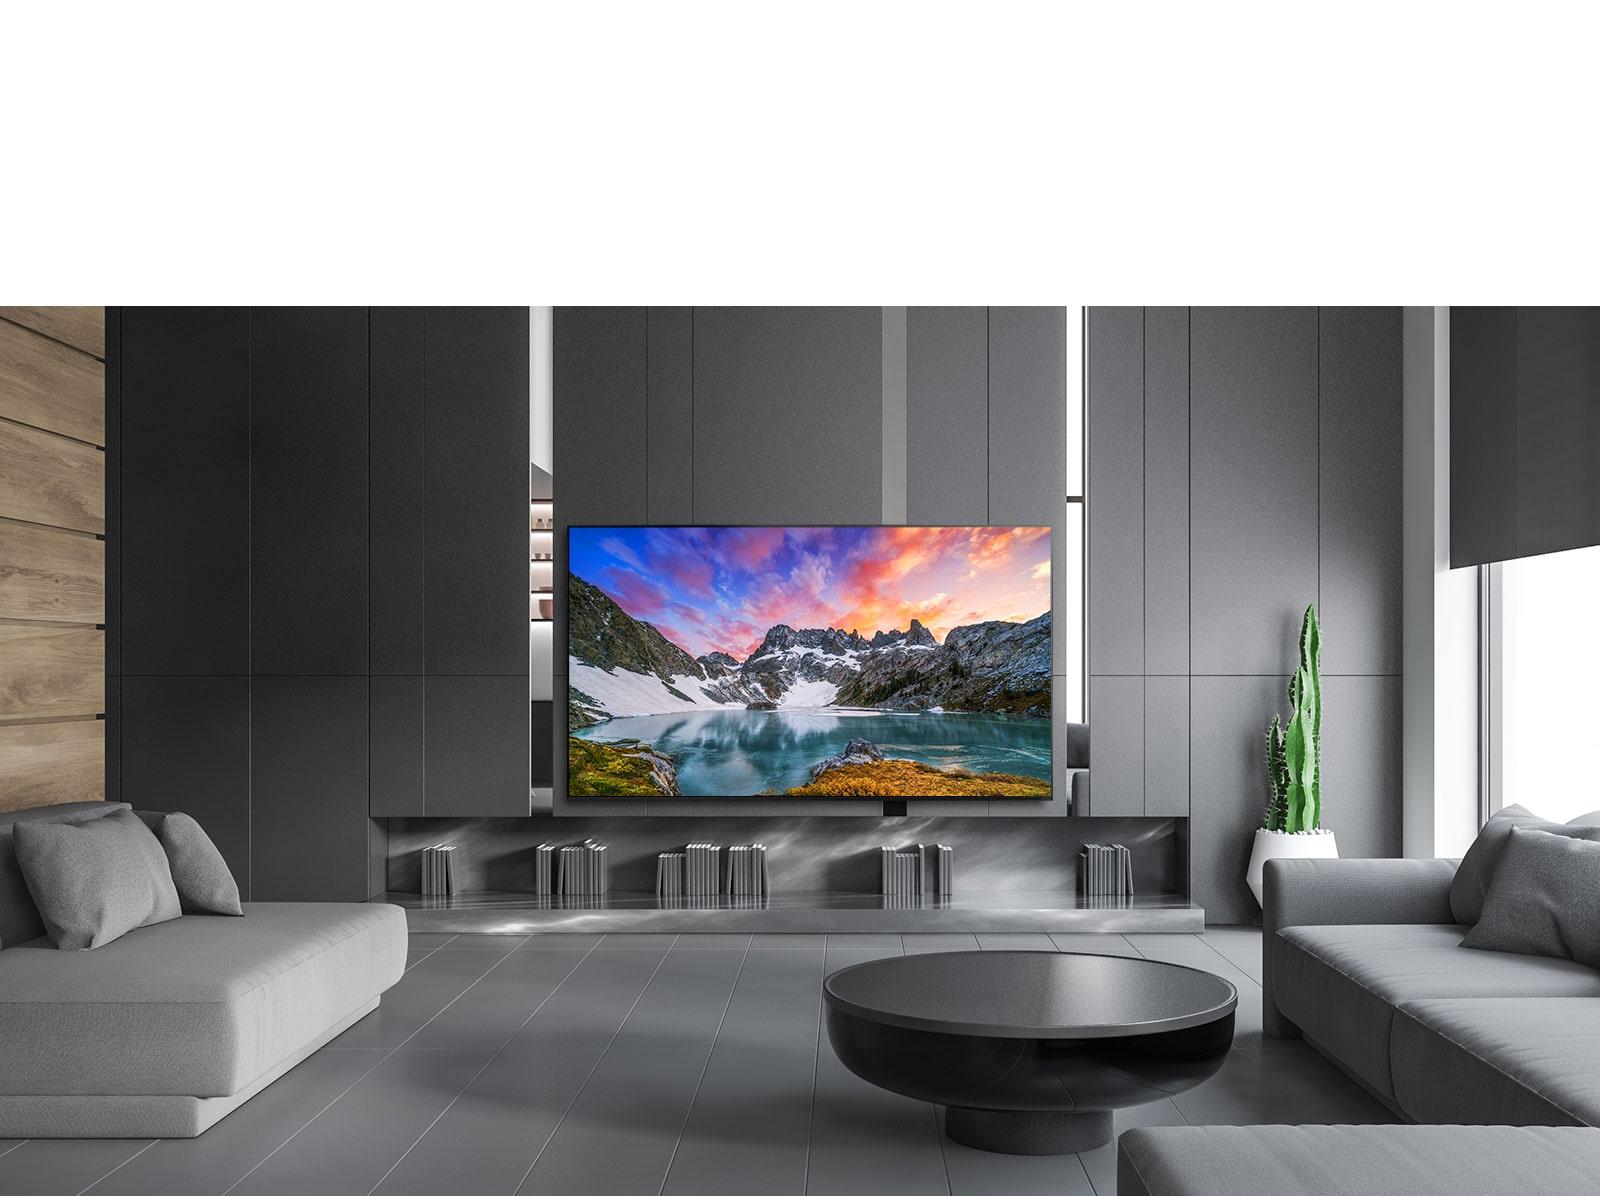 תמונה מגובה העין של נוף טבעי נראית על מסך הטלוויזיה בבית יוקרתי